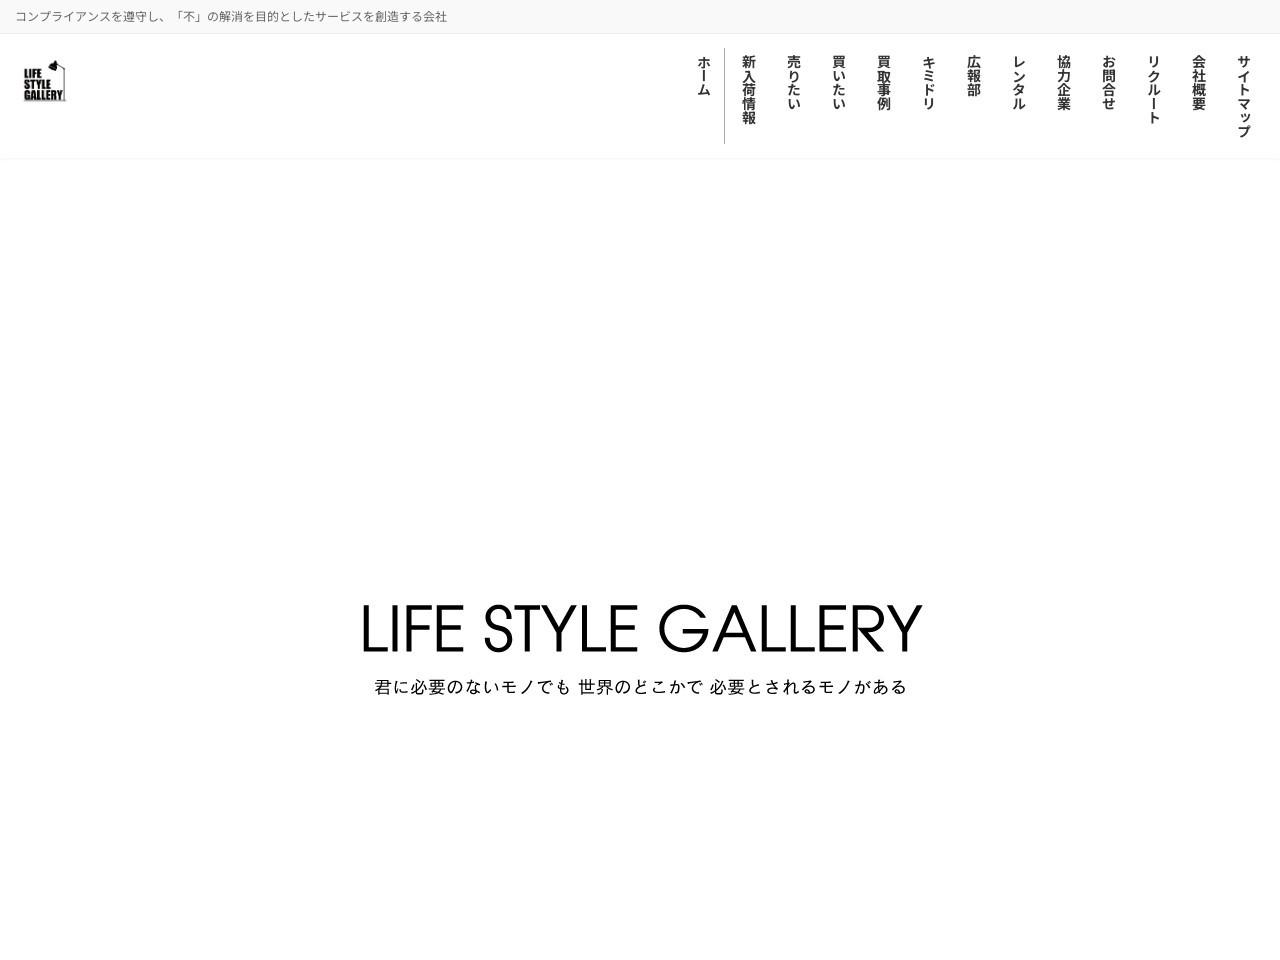 LIFE STYLE GALLERY | リサイクルショップ